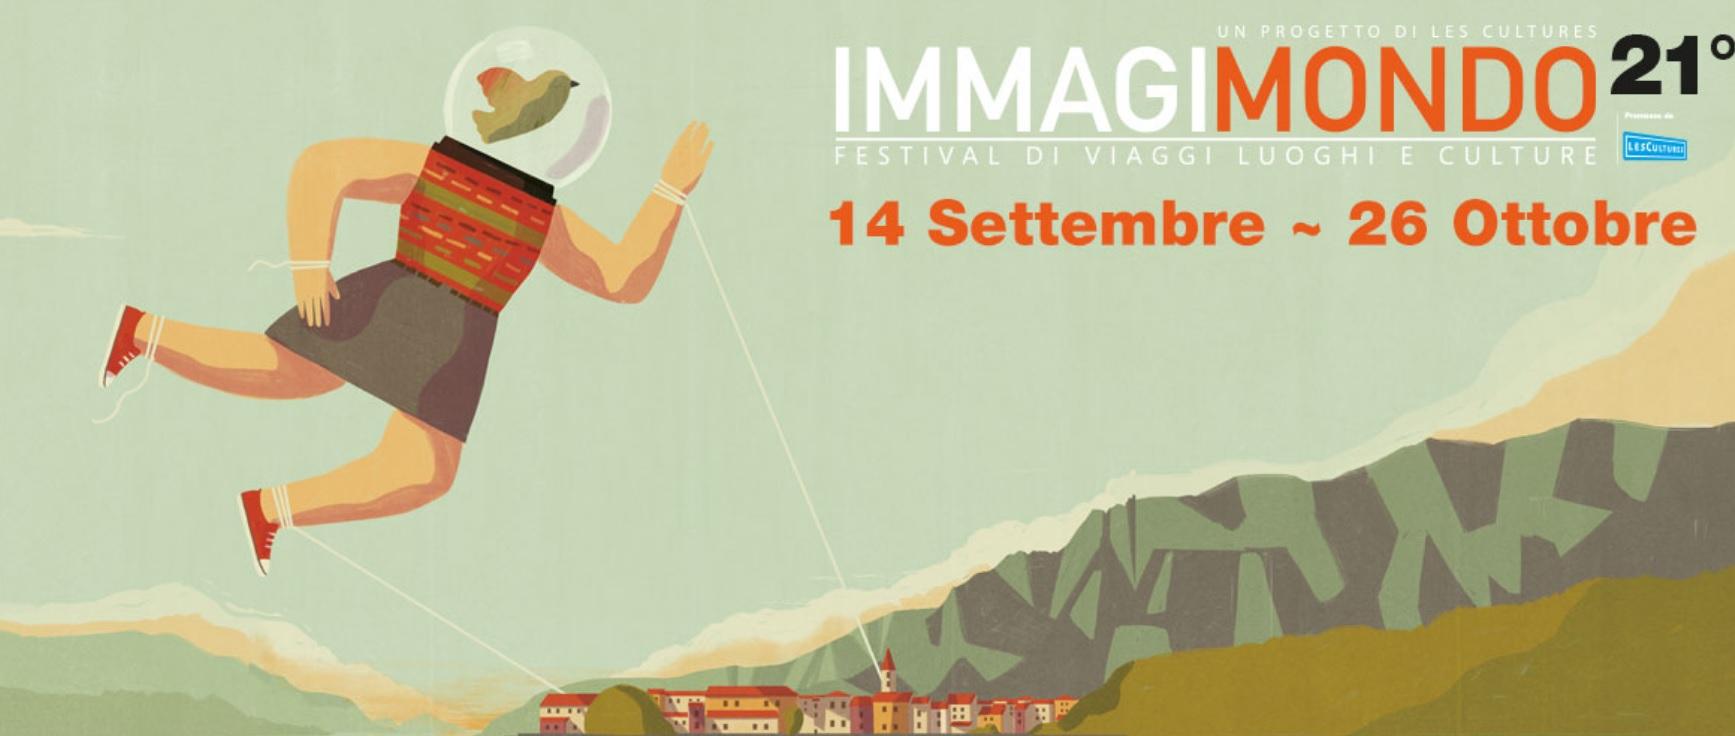 Festival Immagimondo 2018